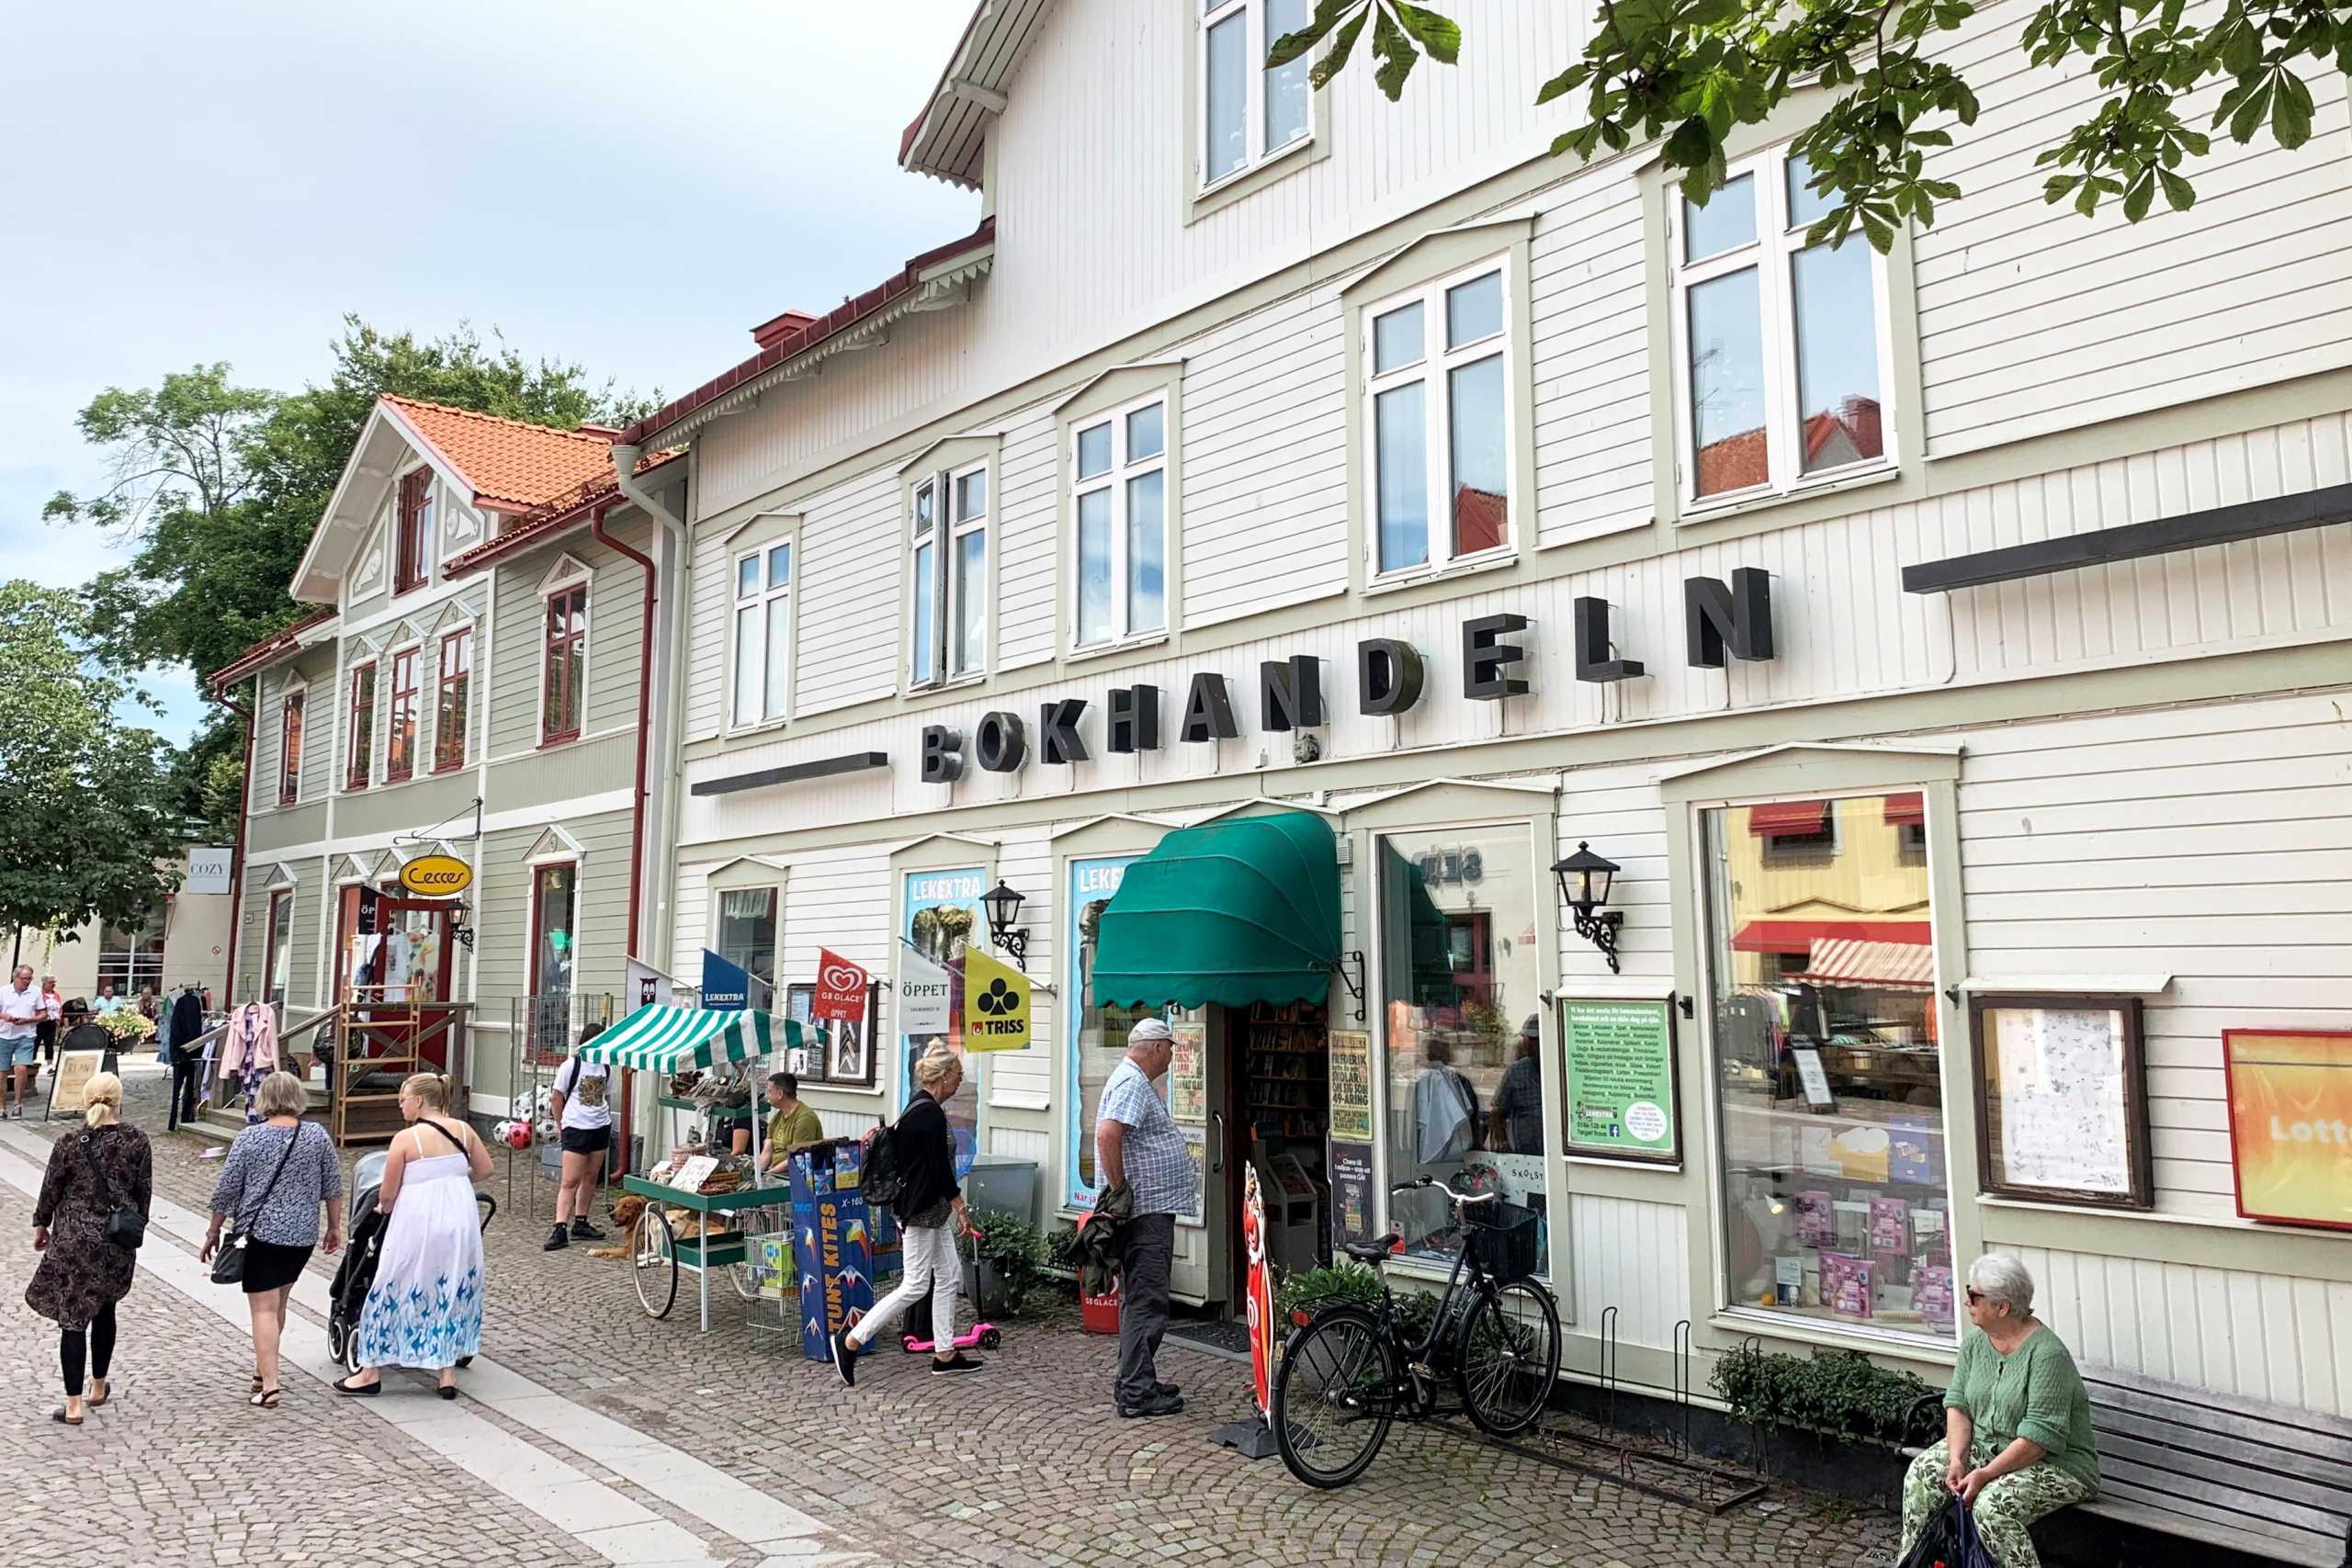 Σουηδία: Αύξηση κρουσμάτων κορονοϊού από το φθινόπωρο βλέπουν οι ειδικοί – Τα ανησυχητικά σενάρια